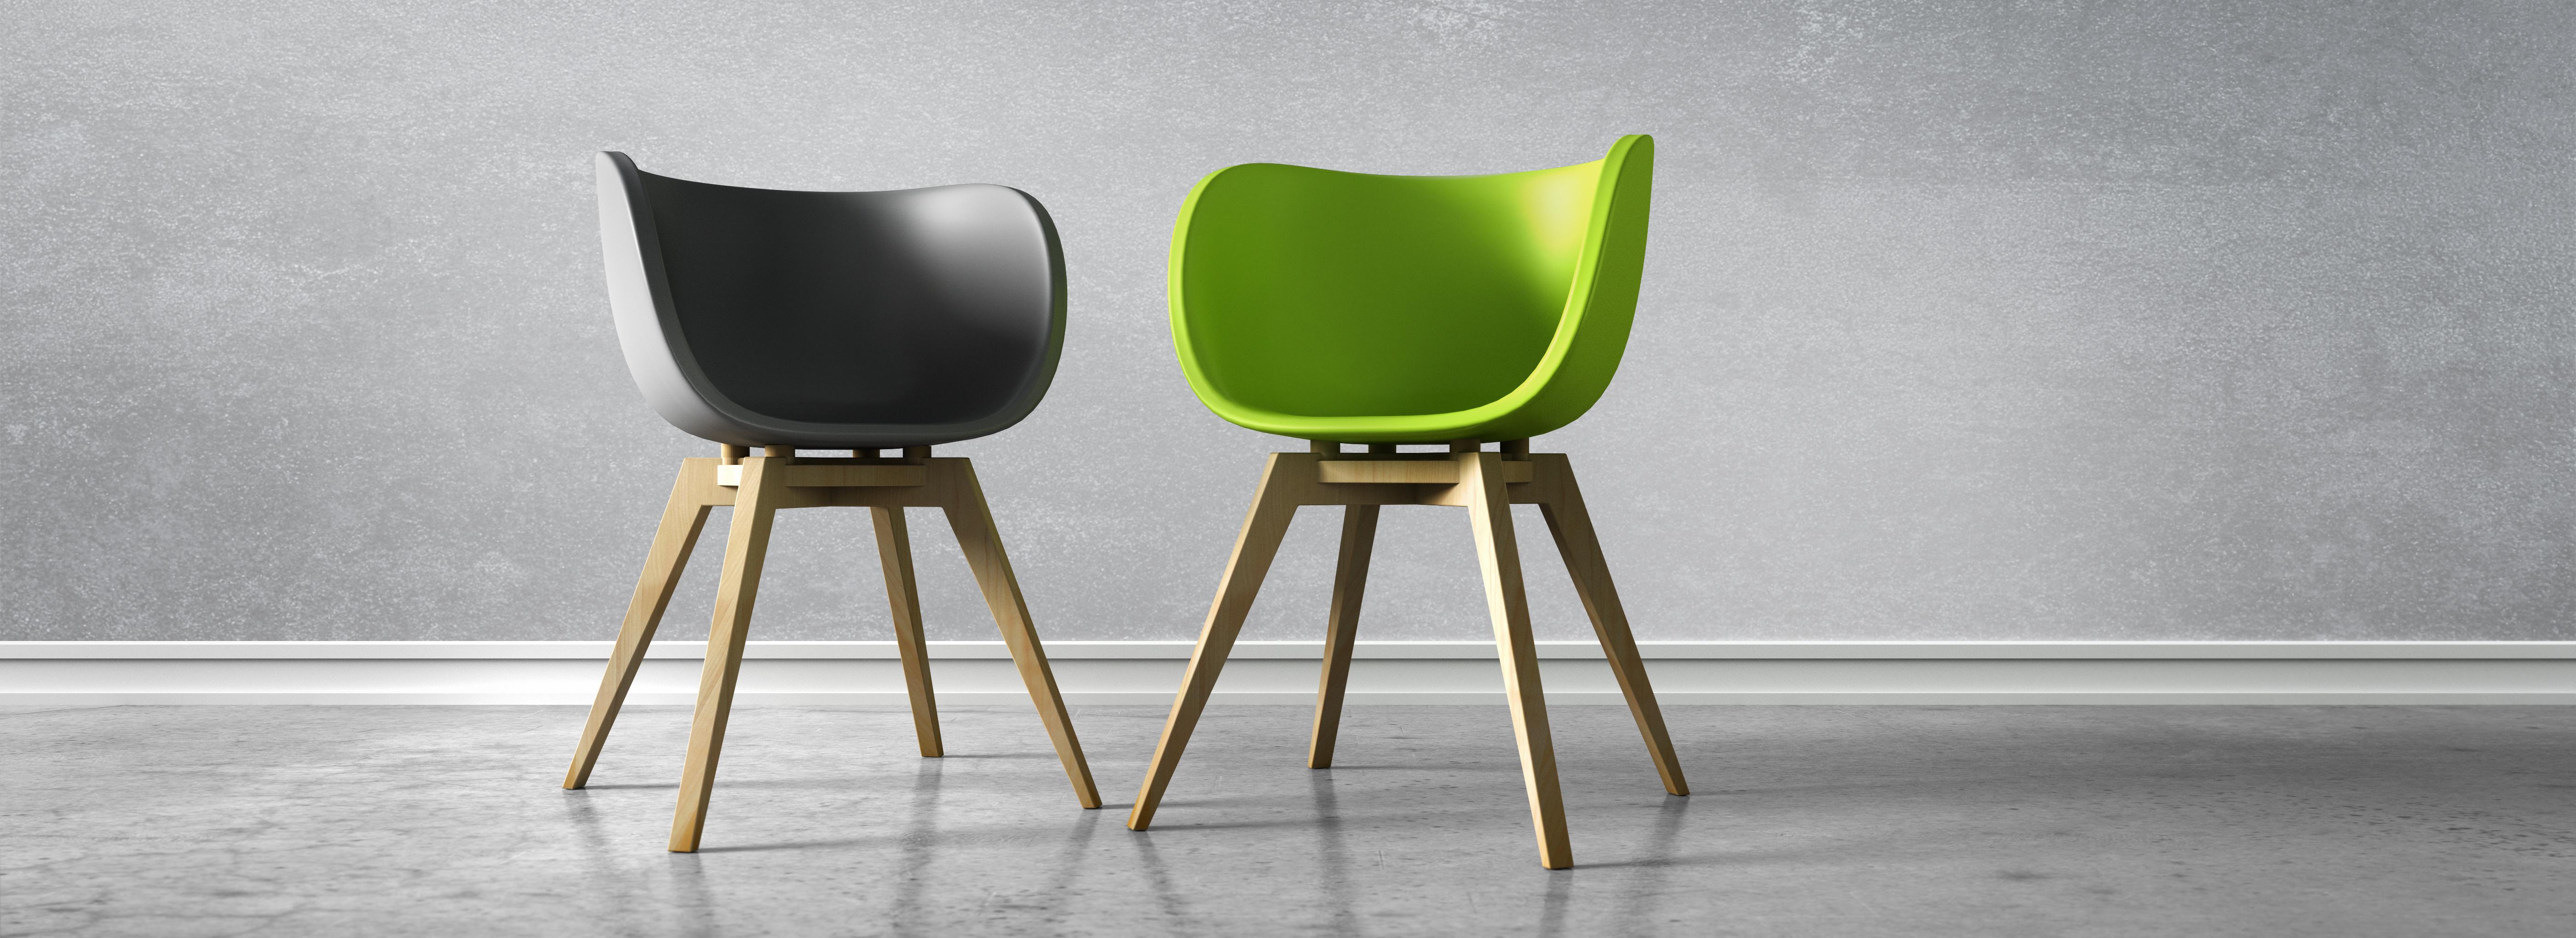 Ein schwarzer und ein grüner Stuhl stehen vor einer Betonwand